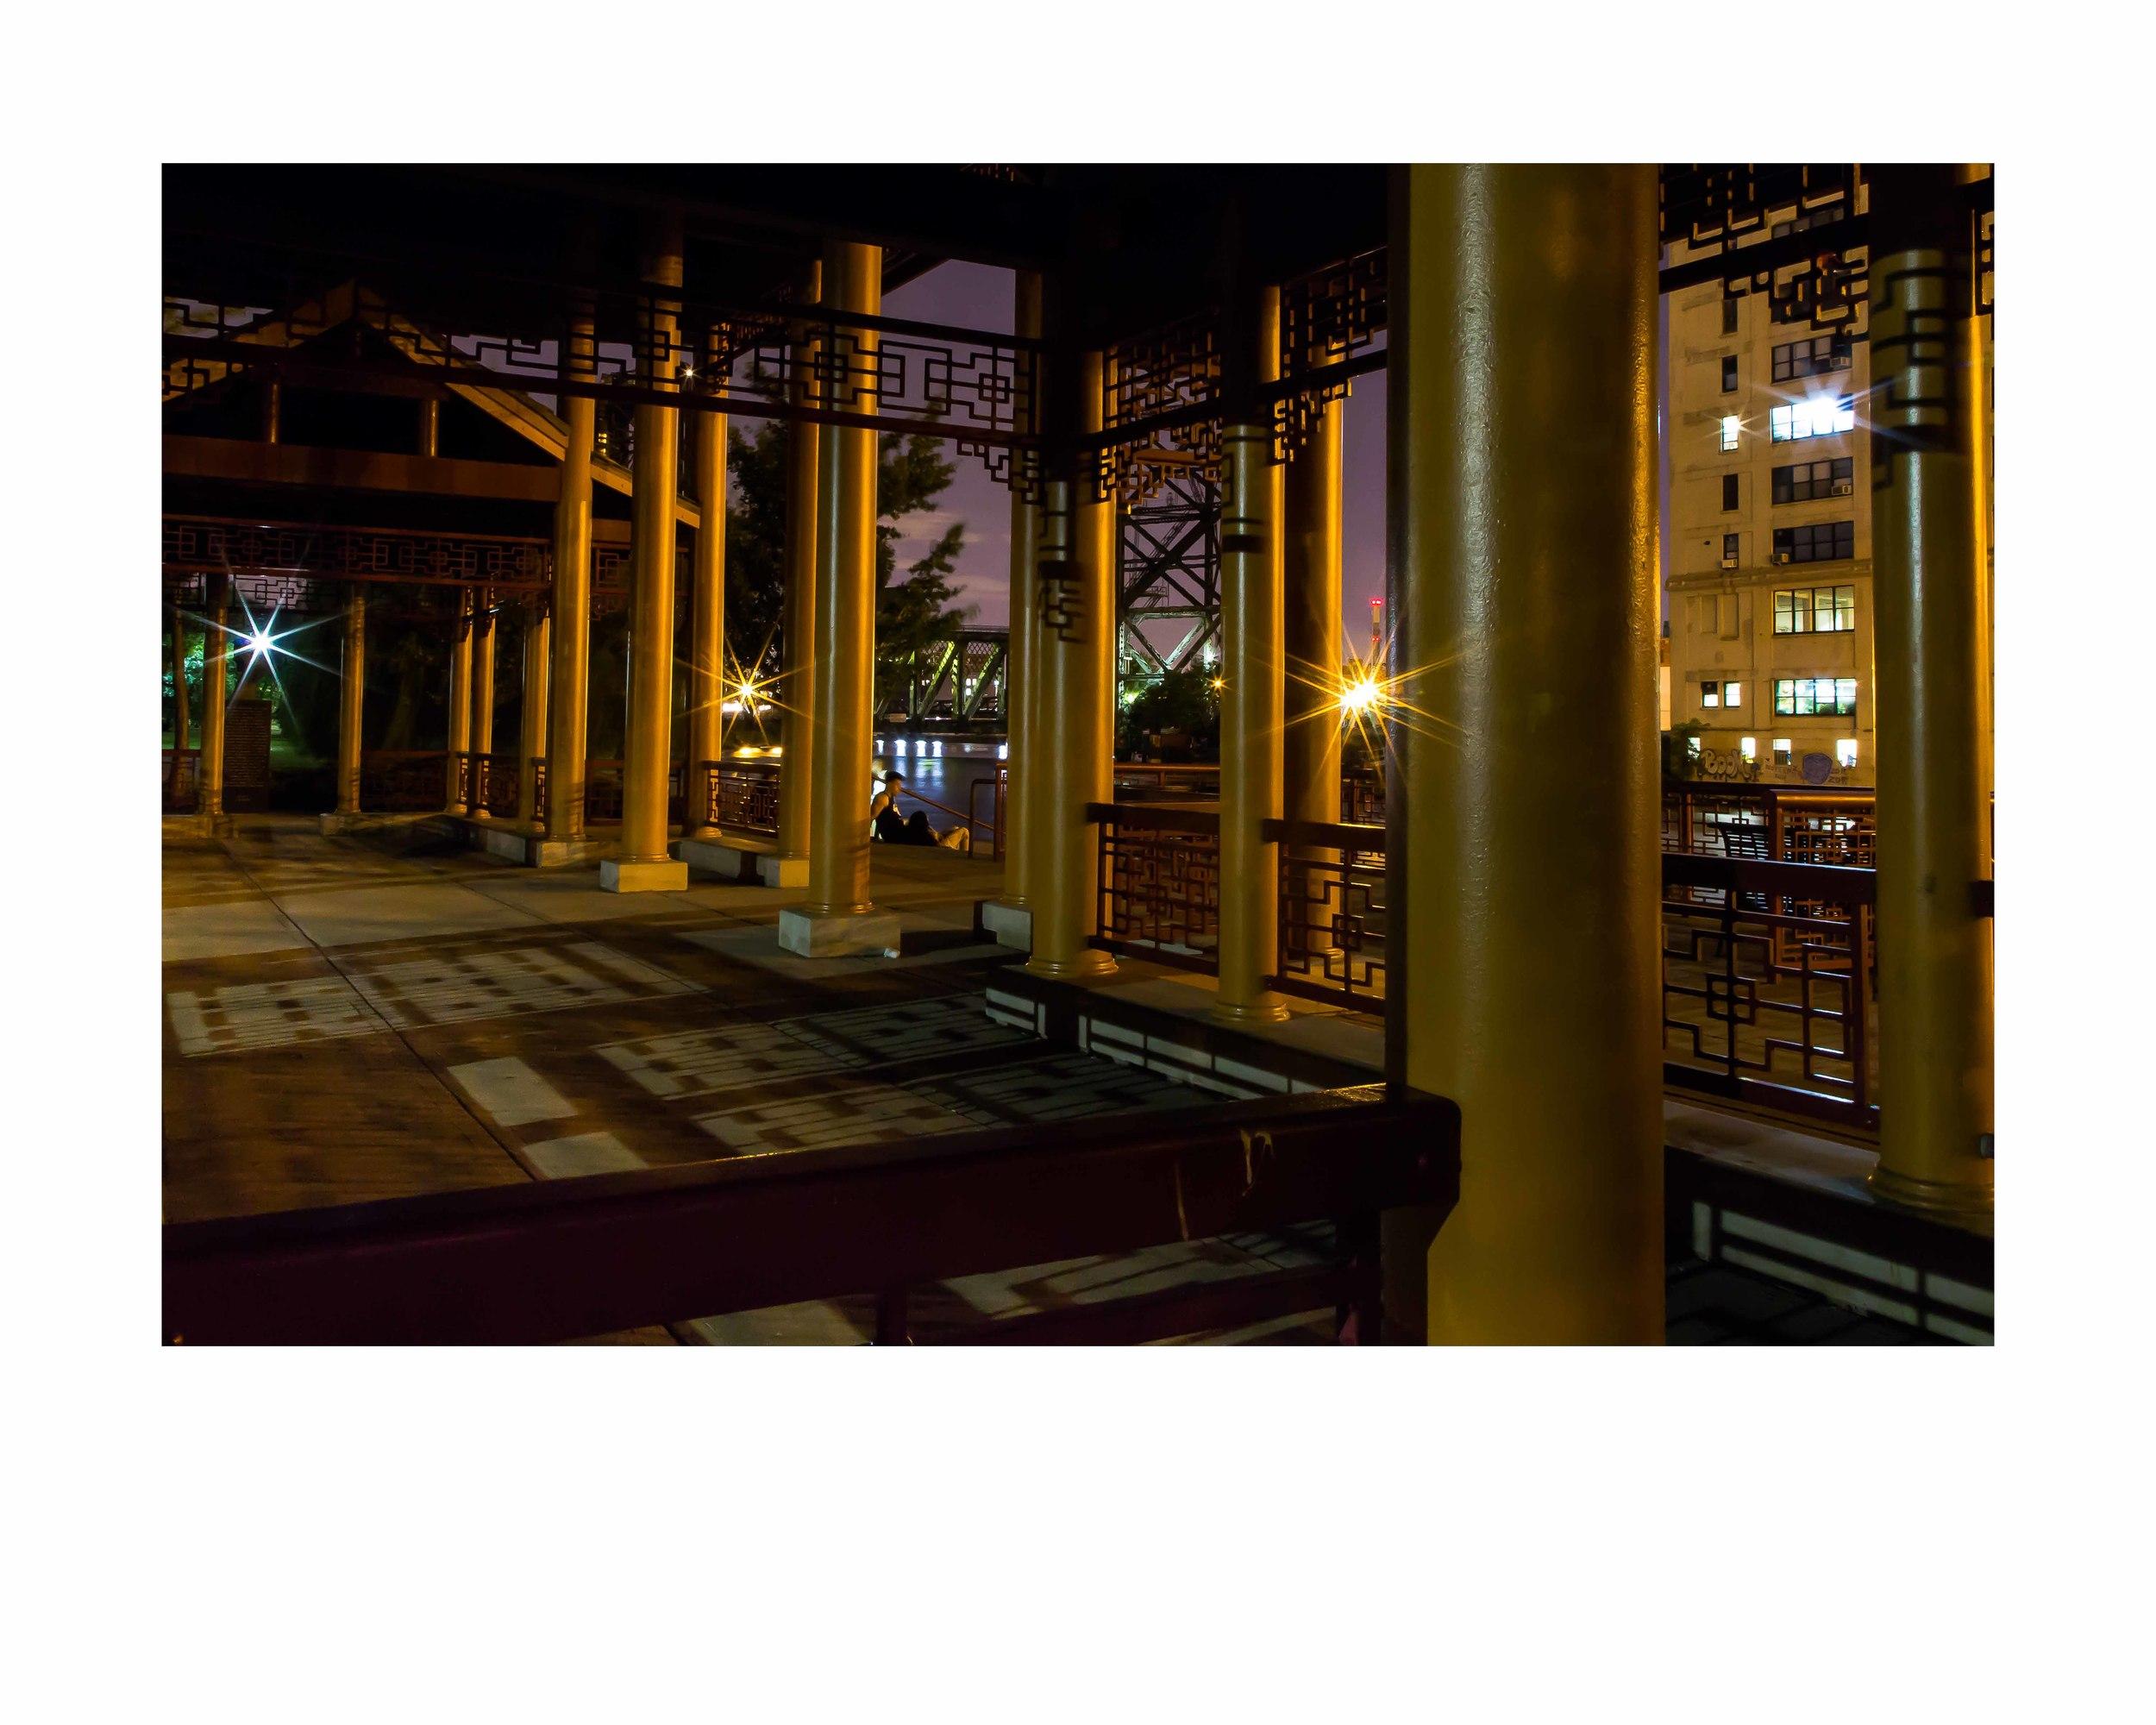 Pagoda Dusk.16x20 framed. $150